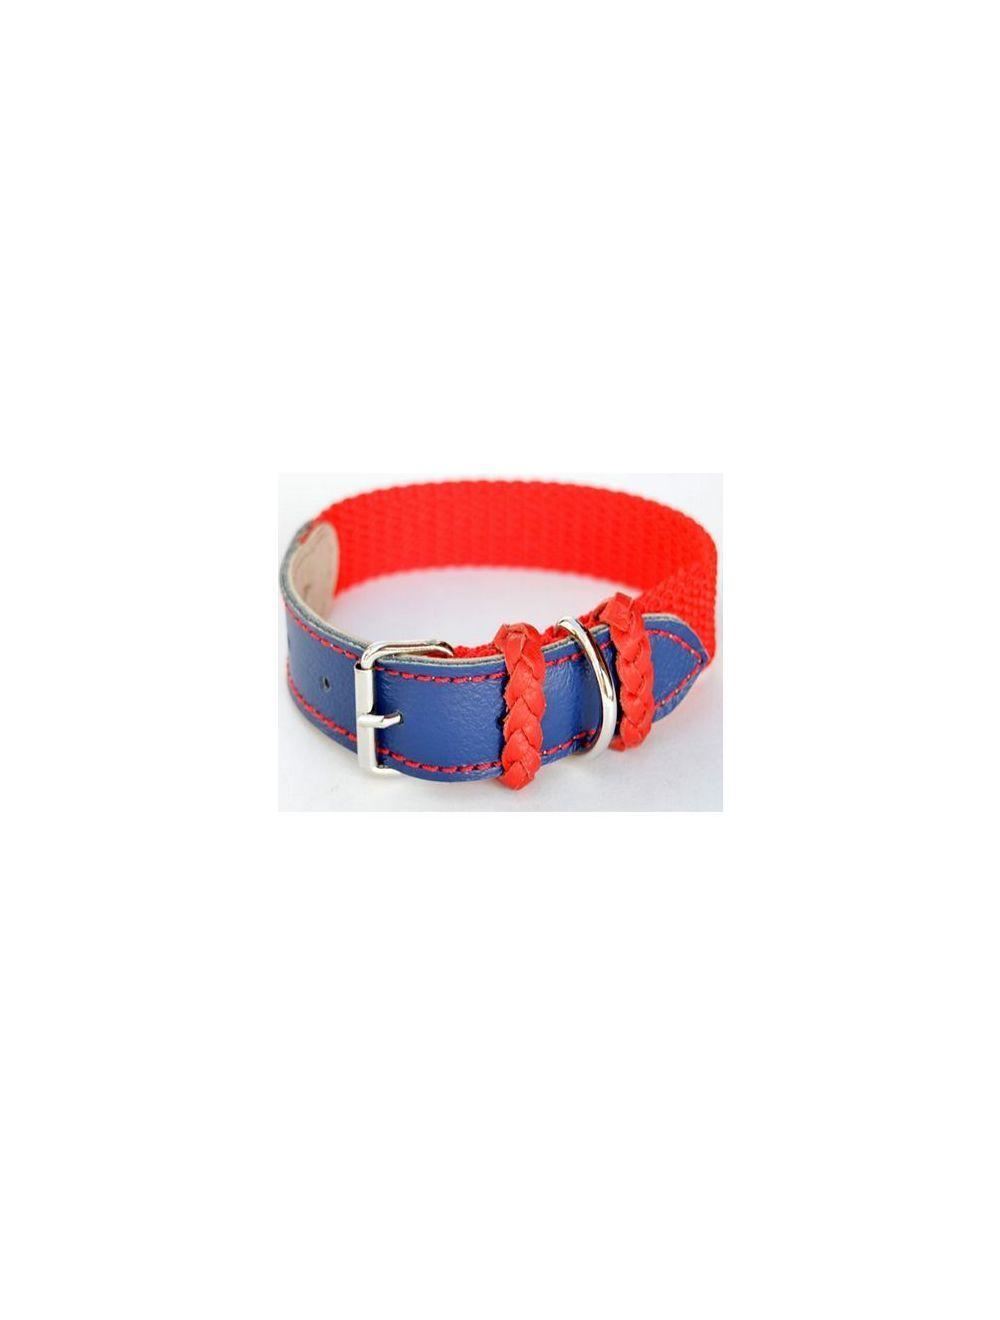 Collar Ciudaddemascotas Rojo y Azul Talla M